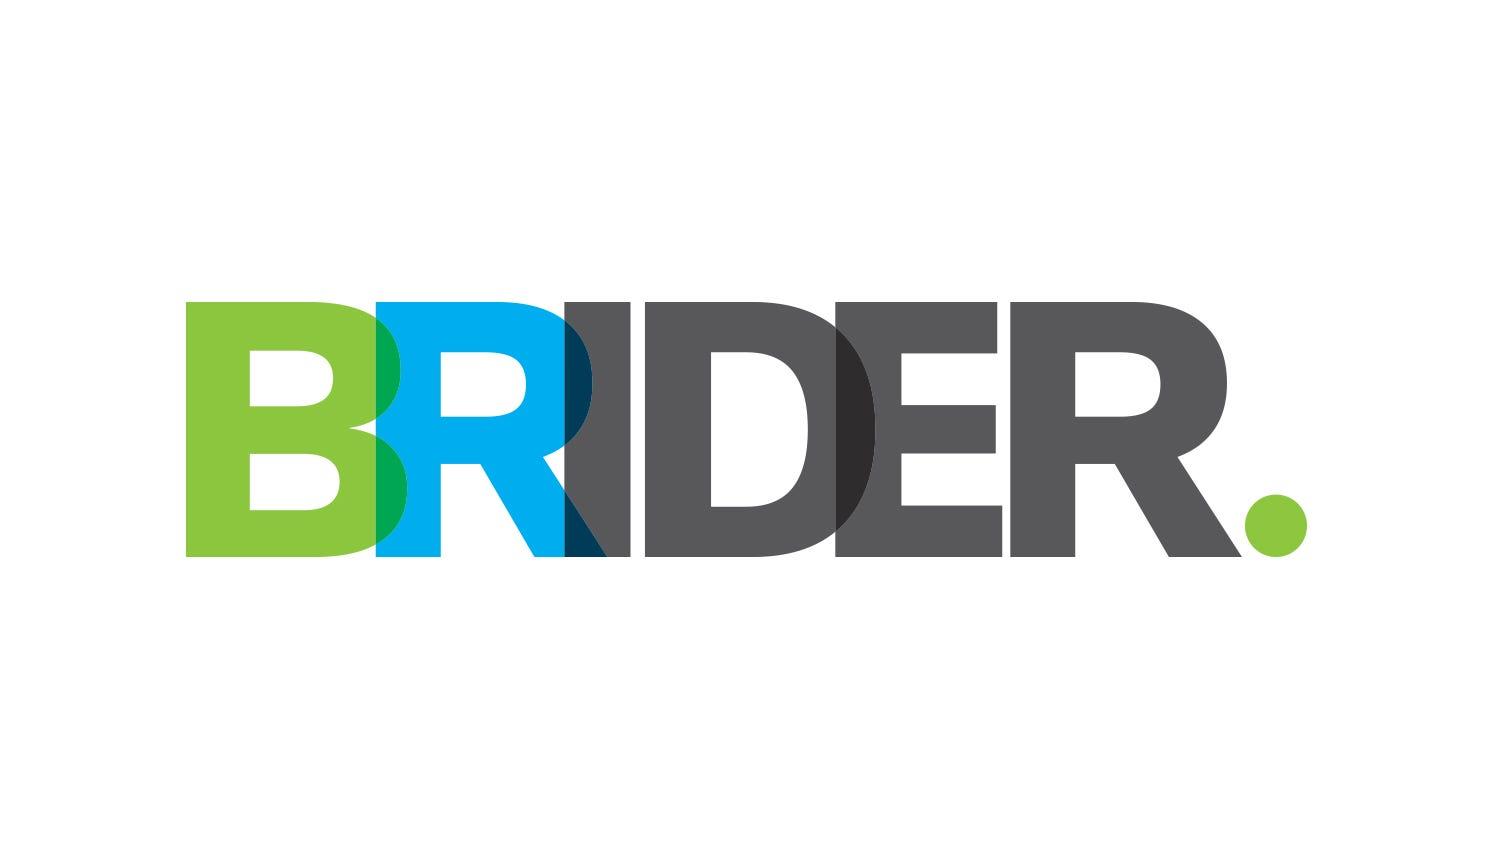 Brider.no tilbyr kvalitetsprodukter til gode priser